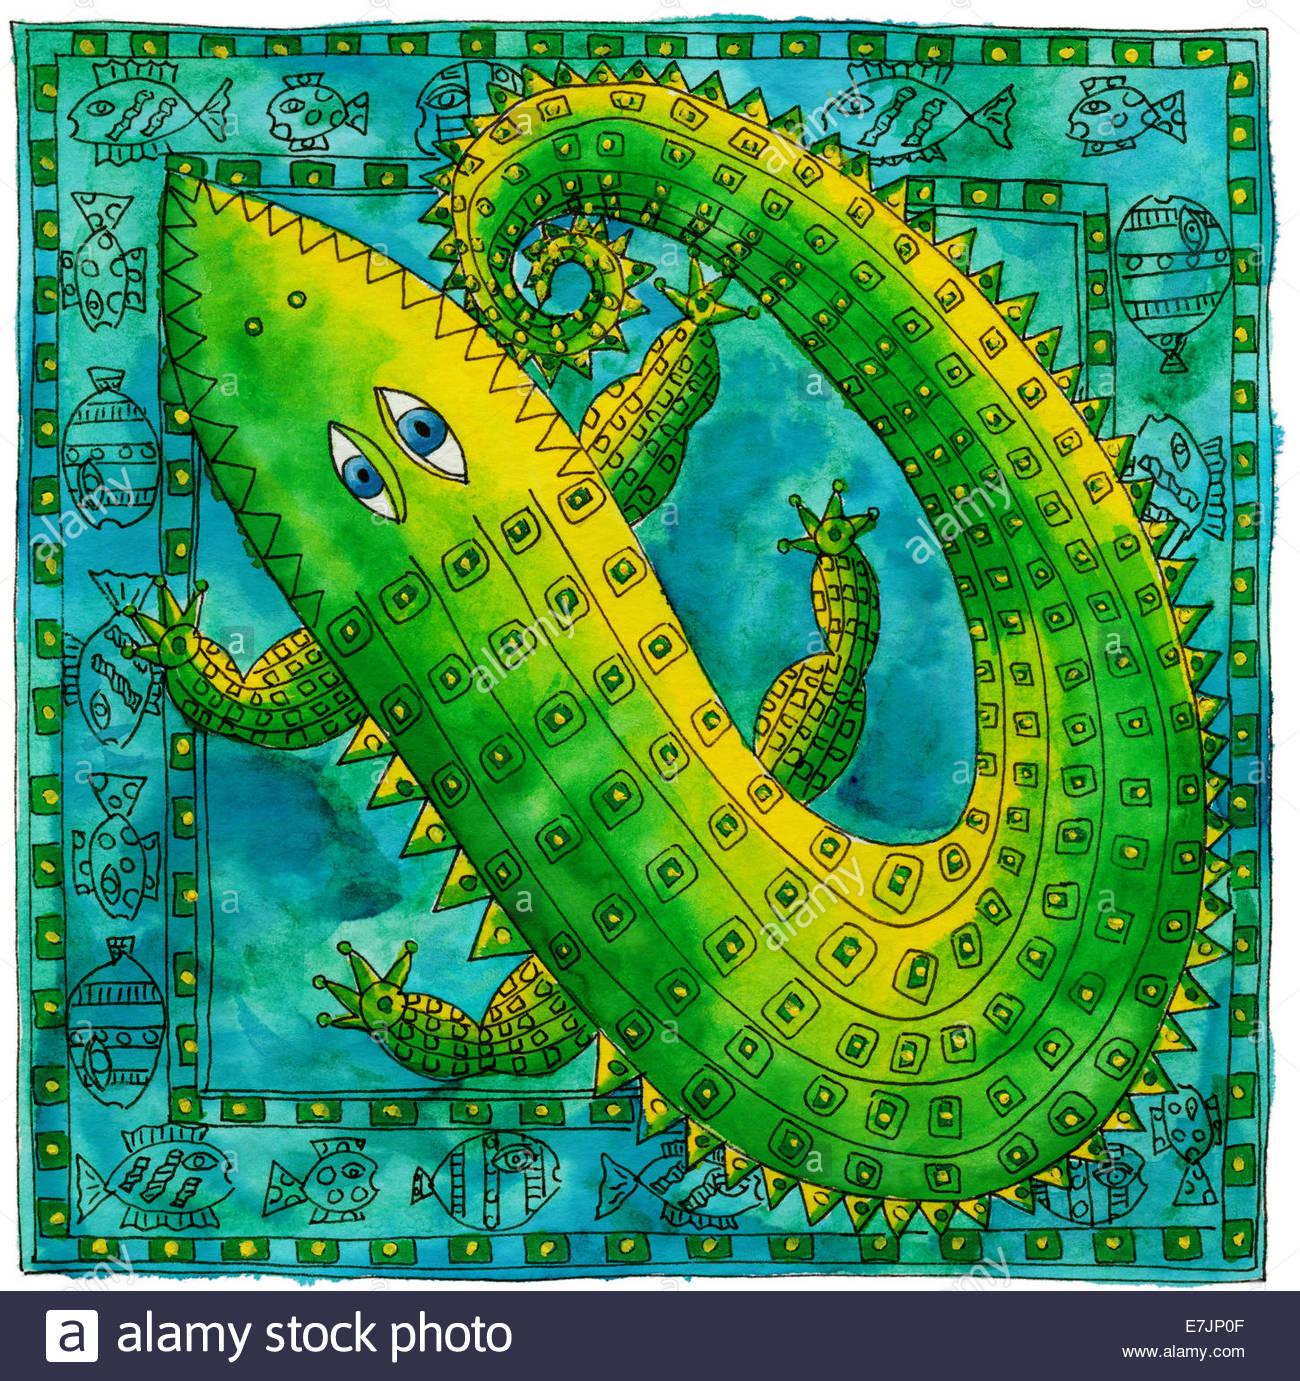 Feder und Tinte Abbildung von einem gemusterten Krokodil mit einem Fisch-Rahmen Stockfoto